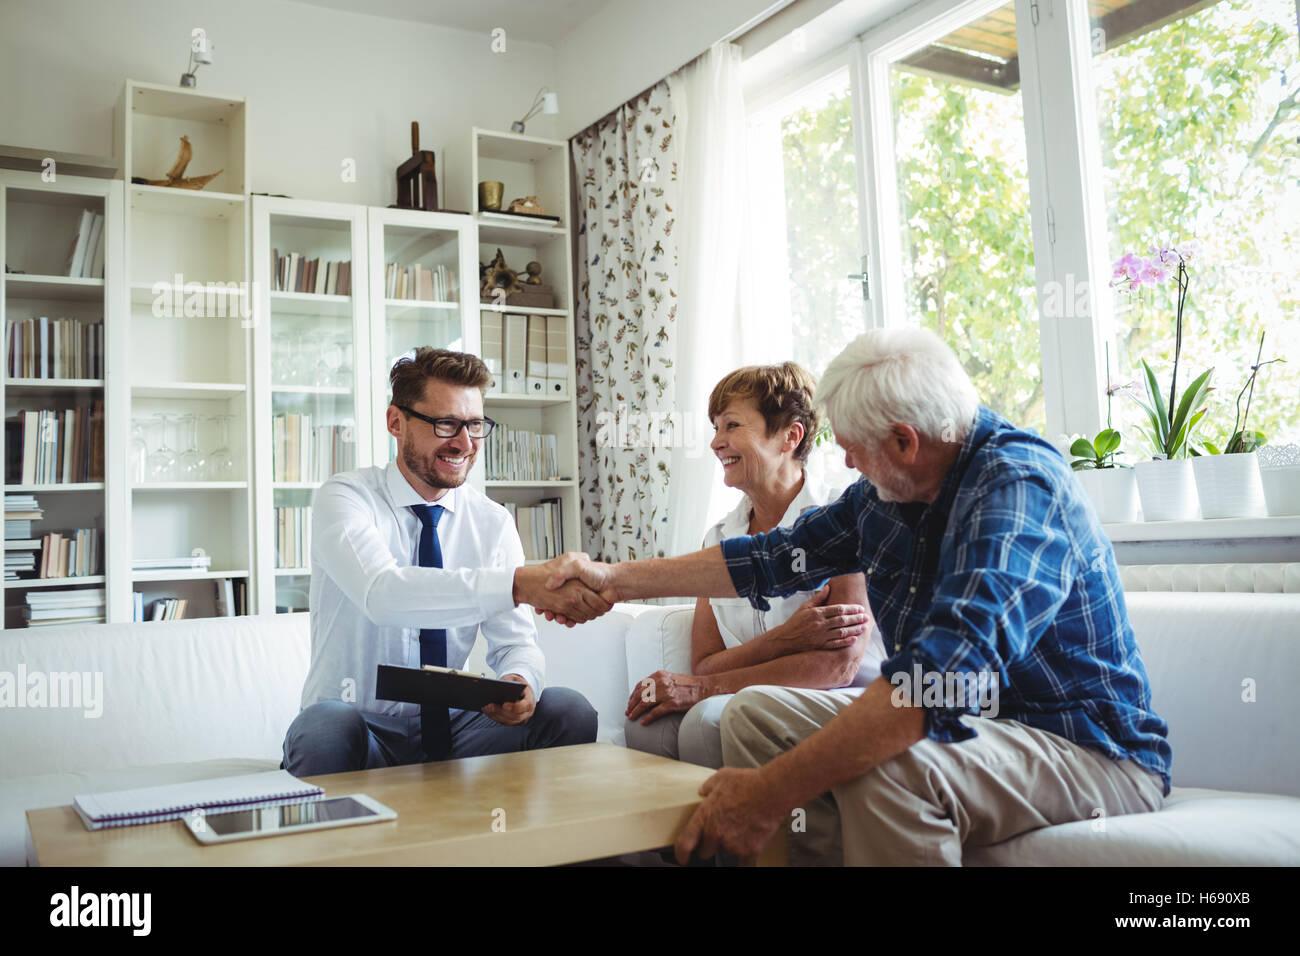 Advisor finanziario stringono le mani con uomo senior Immagini Stock